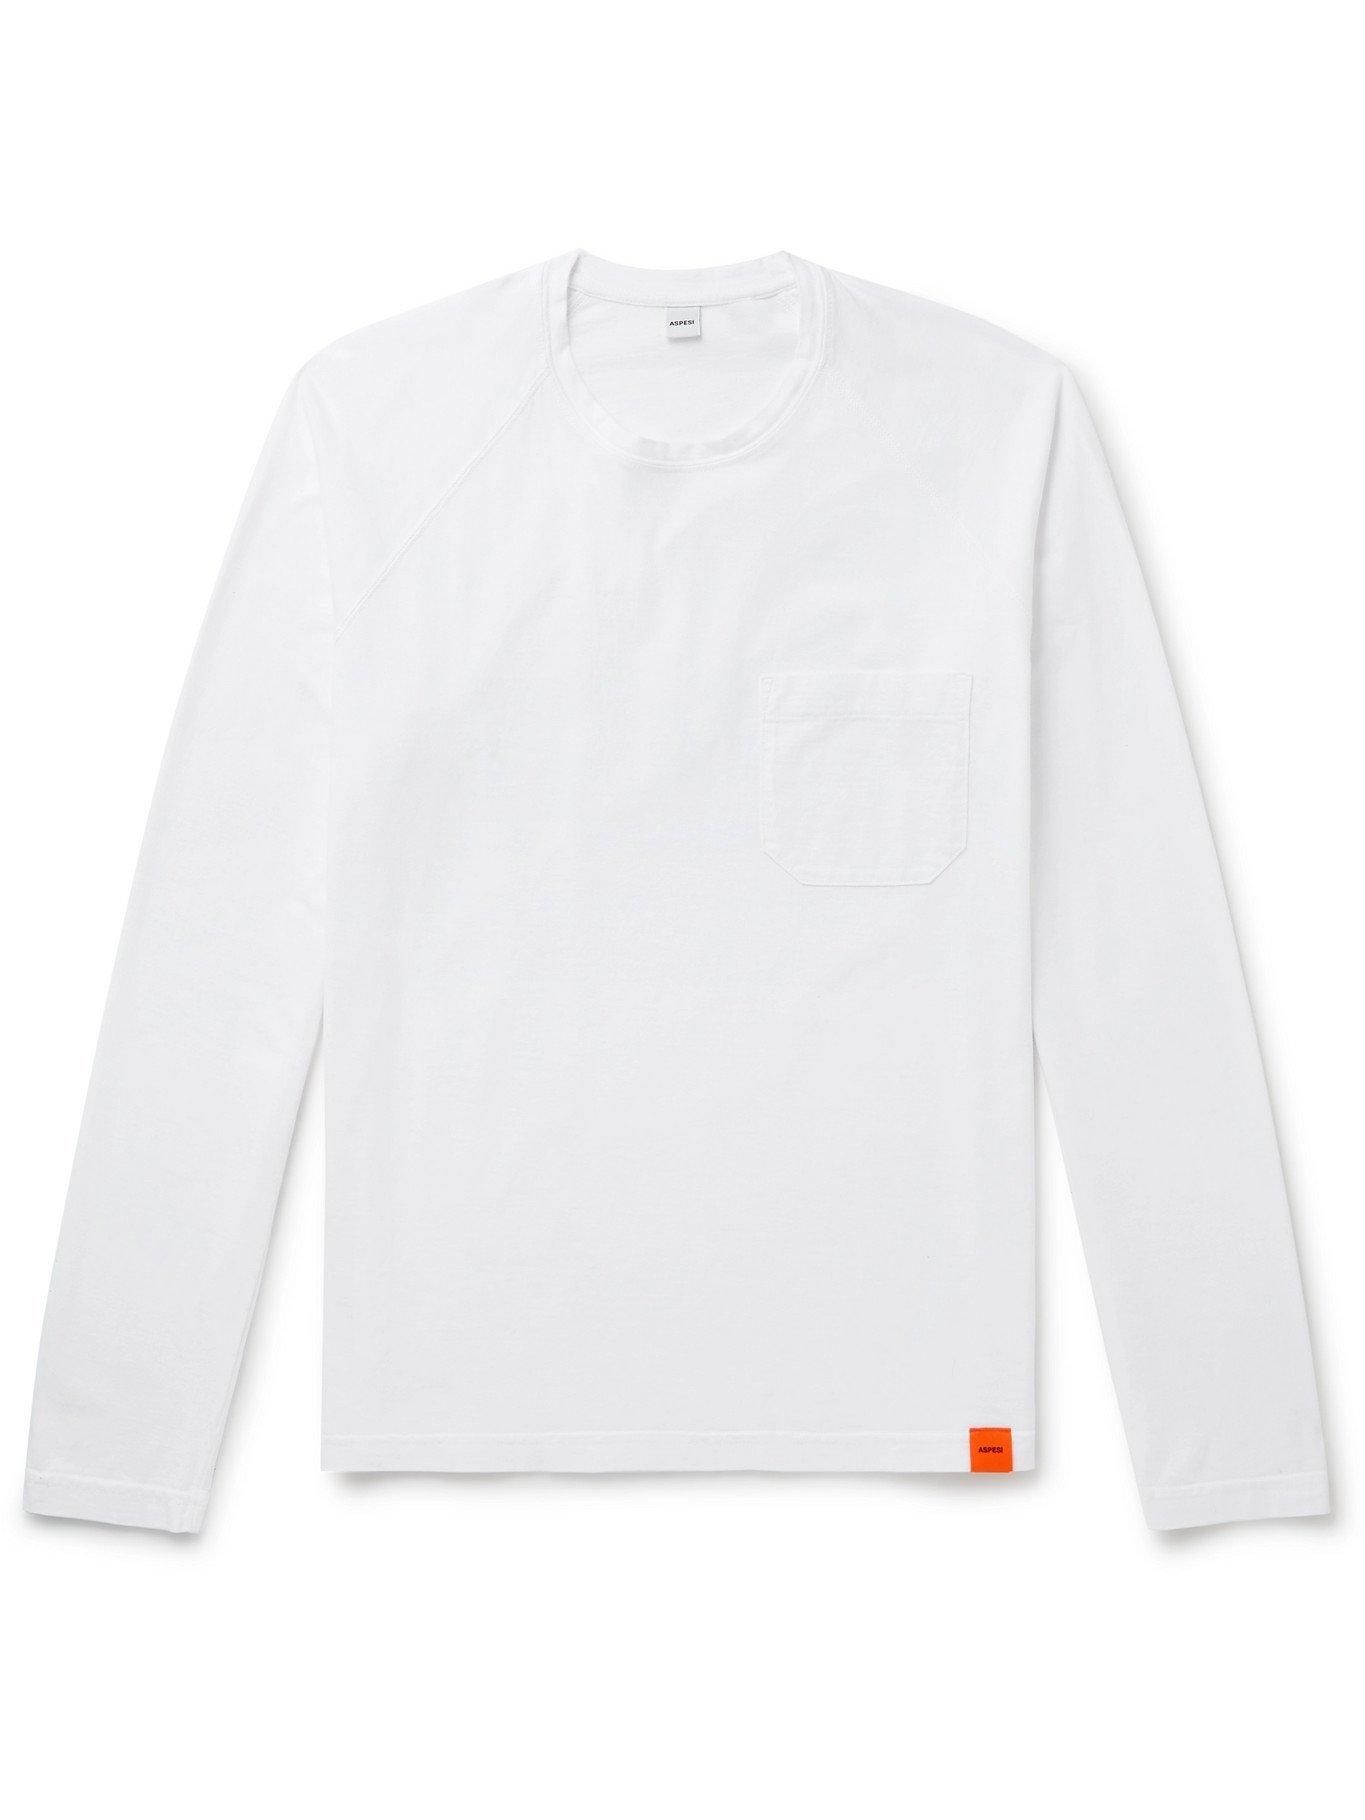 Photo: ASPESI - Cotton-Jersey T-Shirt - White - XS